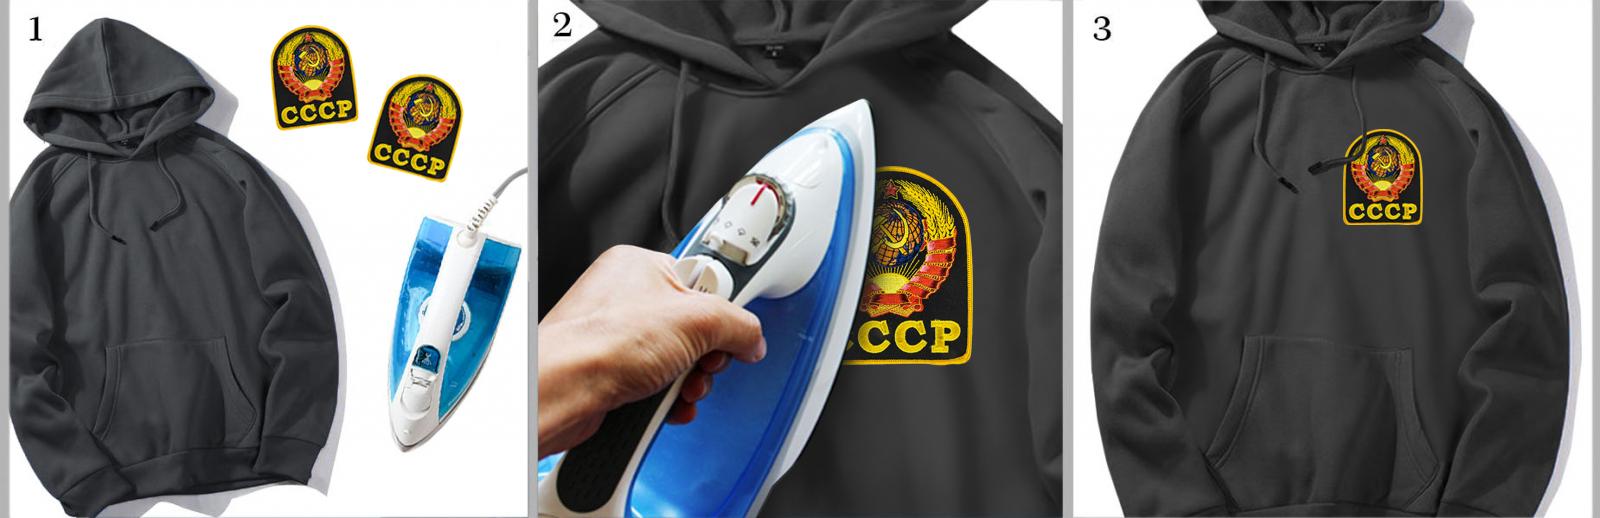 Недорогие термонашивки в дизайне СССР от военторга Военпро